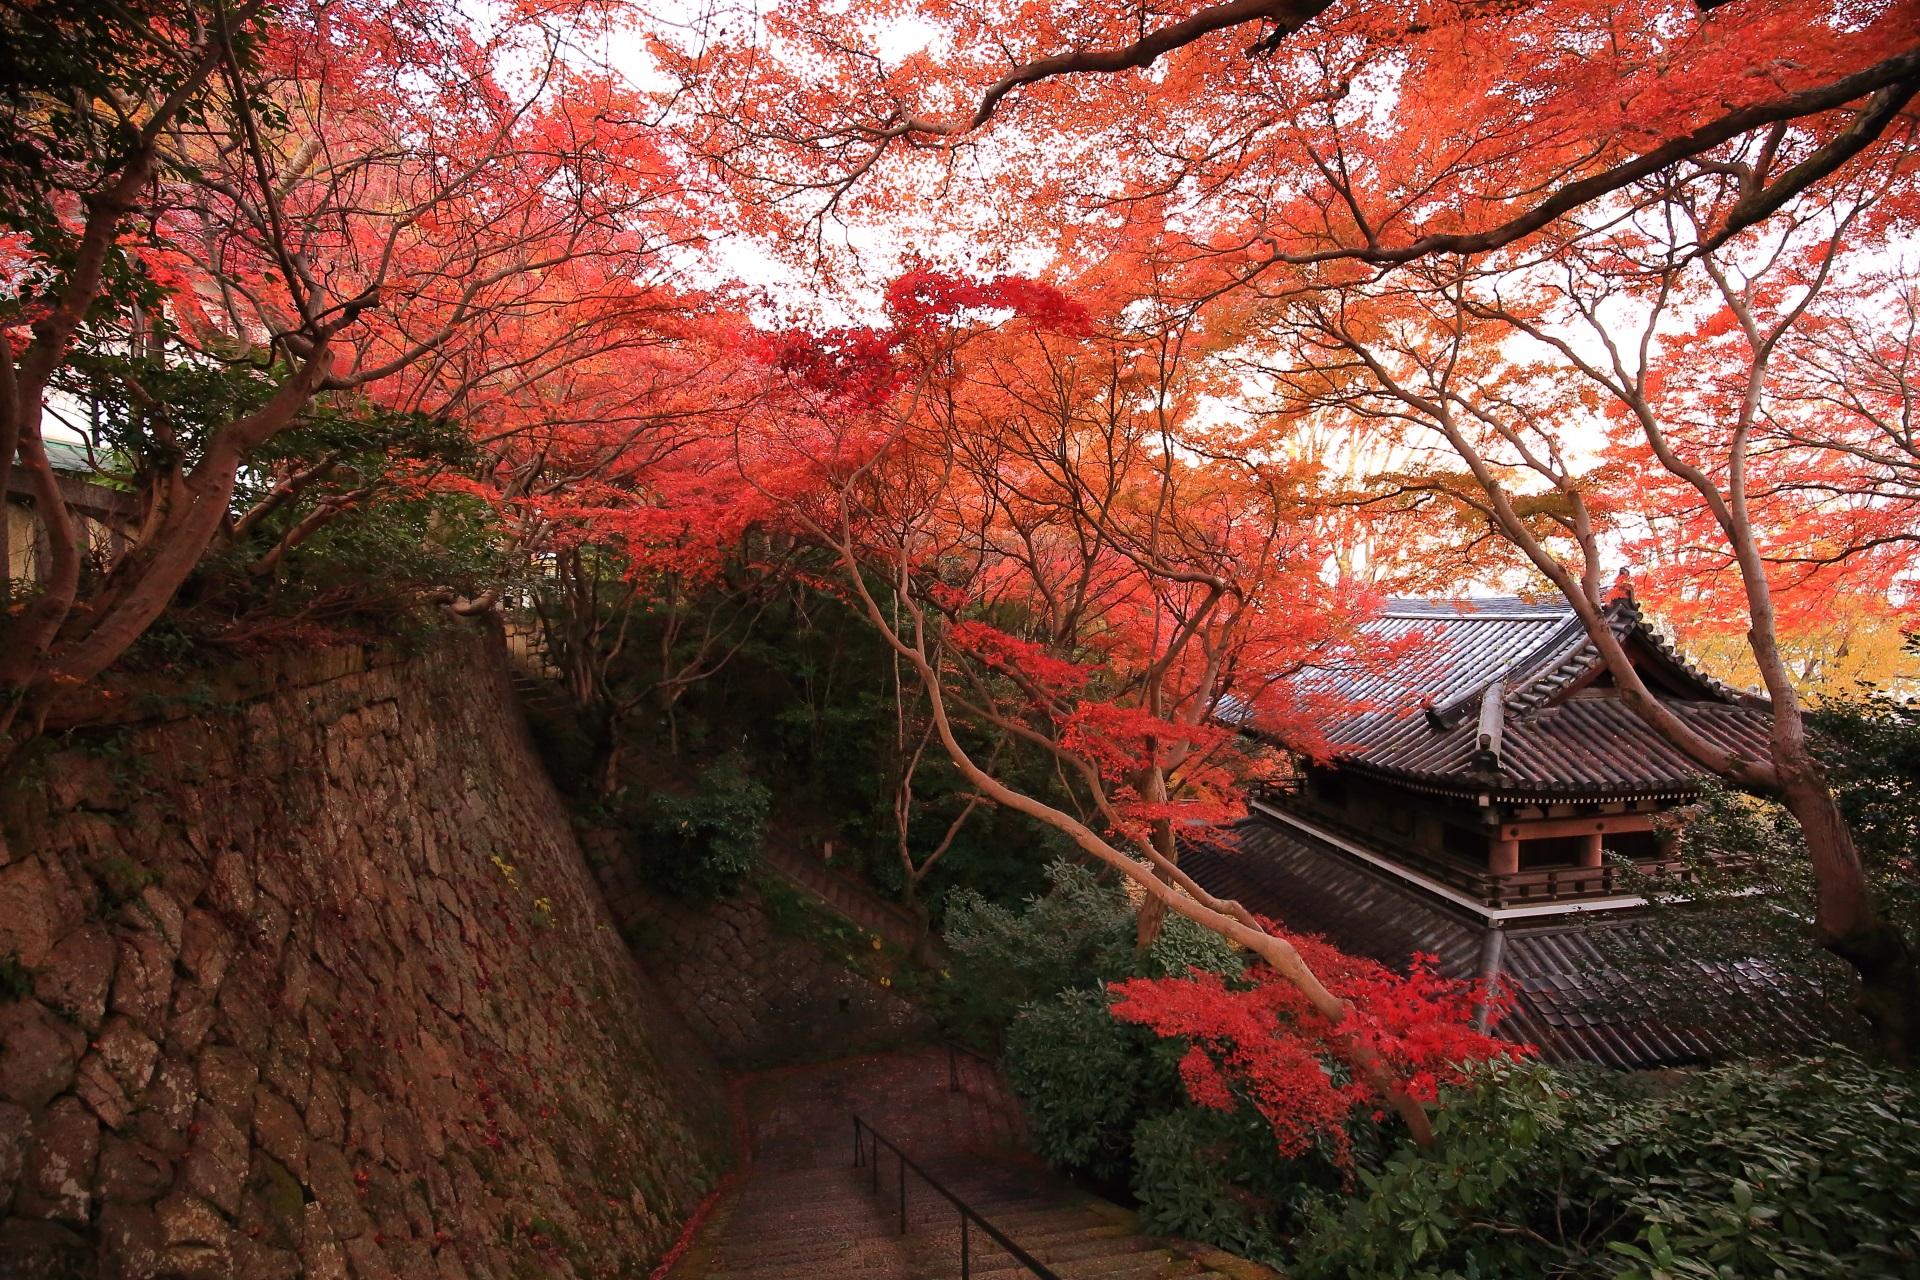 山崎聖天 紅葉 鮮やかな秋色の大山崎に佇む名所